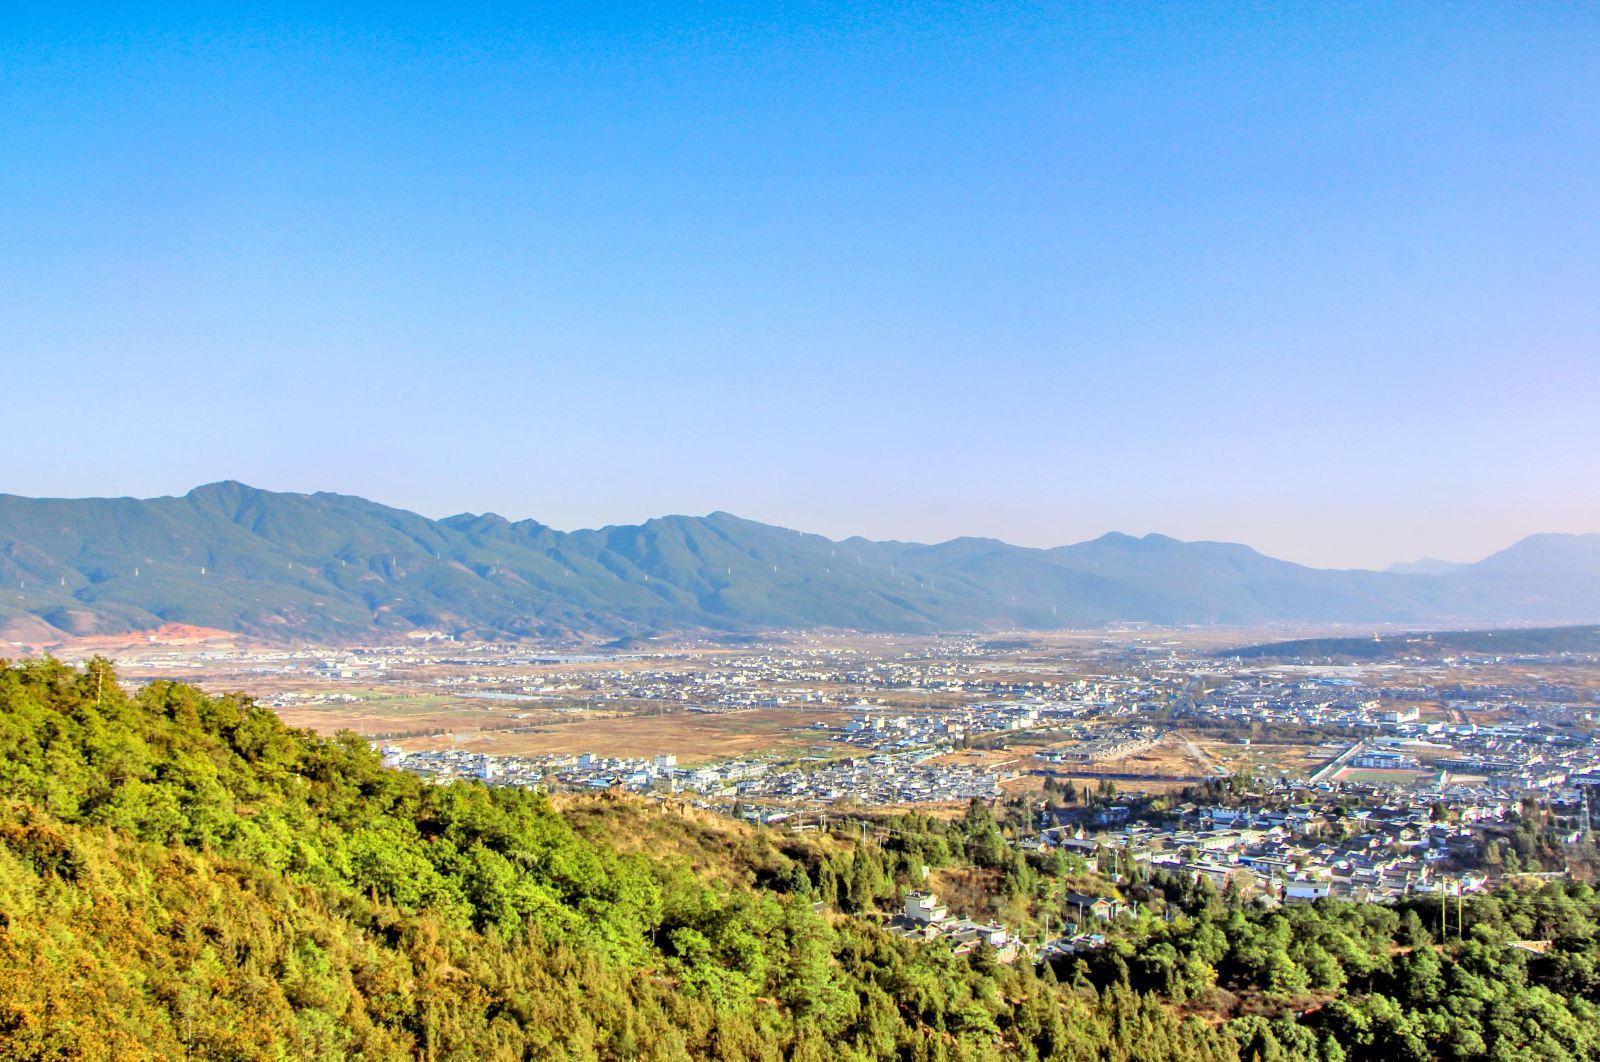 抚仙湖-建水古镇-红杨洋梯田-普者黑6日摄影组